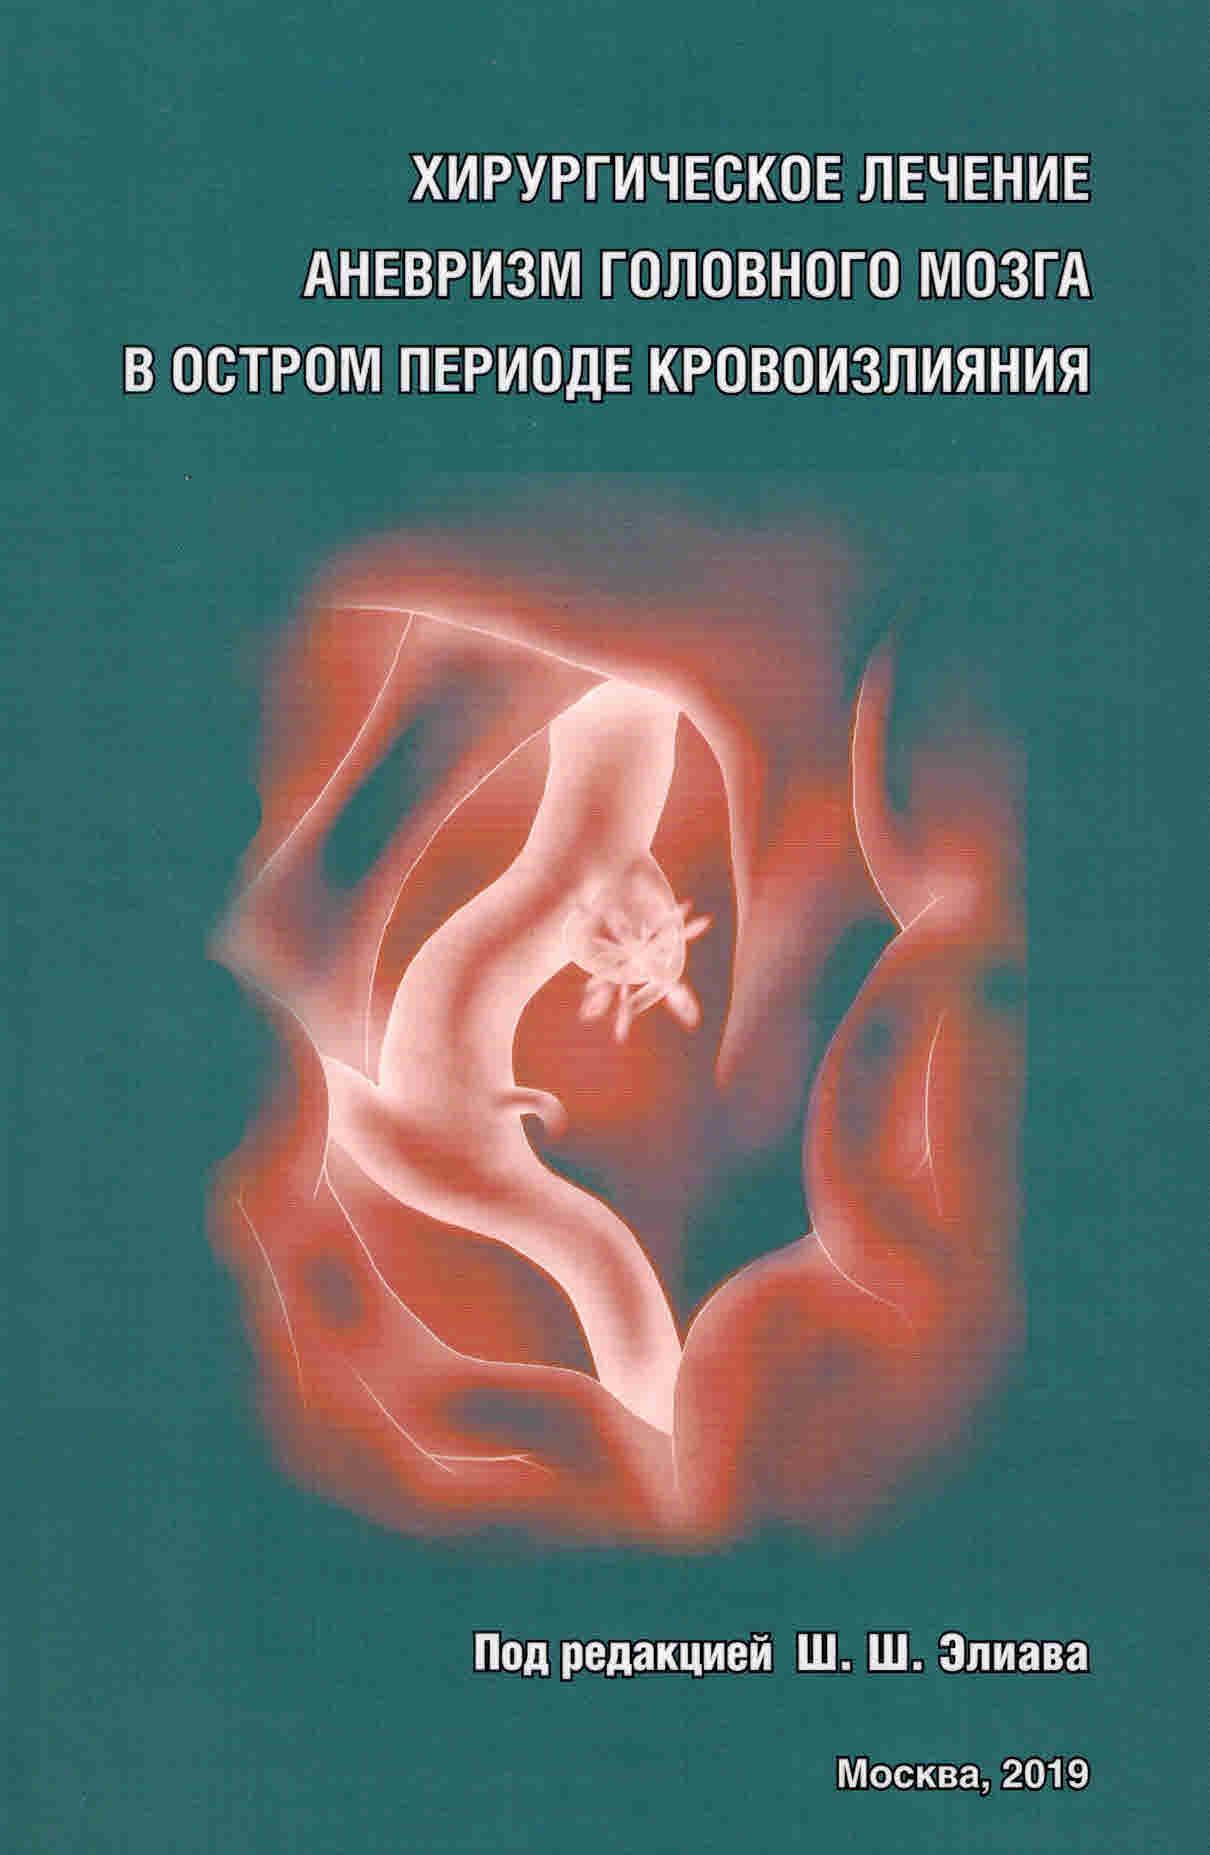 Книги по инсультам Хирургическое лечение аневризм головного мозга в остром периоде кровоизлияния hir_lech_an_gol_moz_v_ostr_per_kr.jpg